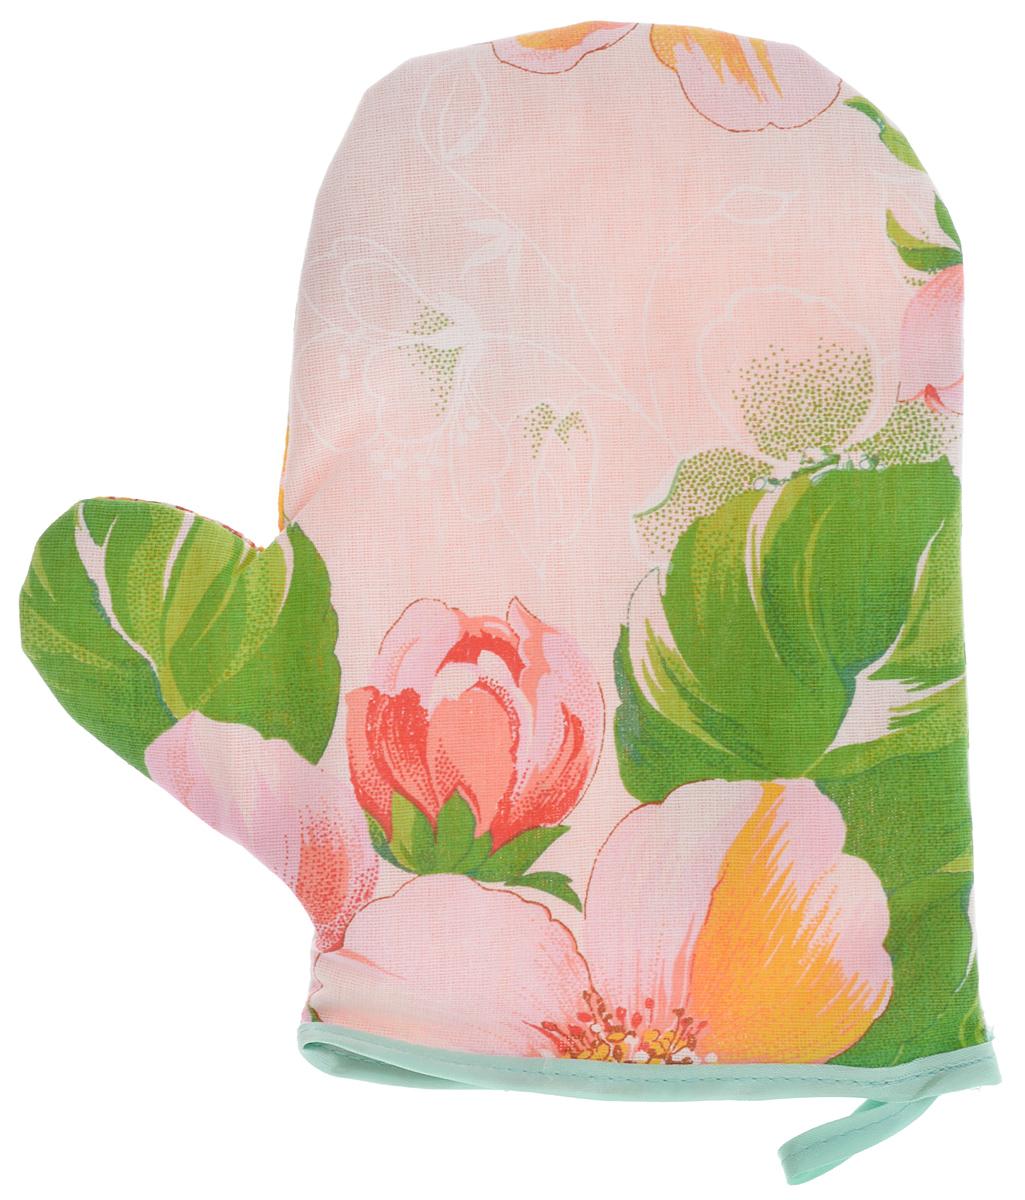 Прихватка-рукавица Roko, 16 х 28 см115347Прихватка-рукавица Roko, изготовленная из бязи (100% хлопка), оформлена красочным принтом. Изделие оснащено текстильной петелькой для подвешивания на крючок. Такая прихватка защитит ваши руки от высоких температур и предотвратит появление ожогов. Уважаемые клиенты! Товар поставляется в цветовом ассортименте. Поставка осуществляется в зависимости от наличия на складе. Размер изделия (ДхШ): 16 х 28 см.